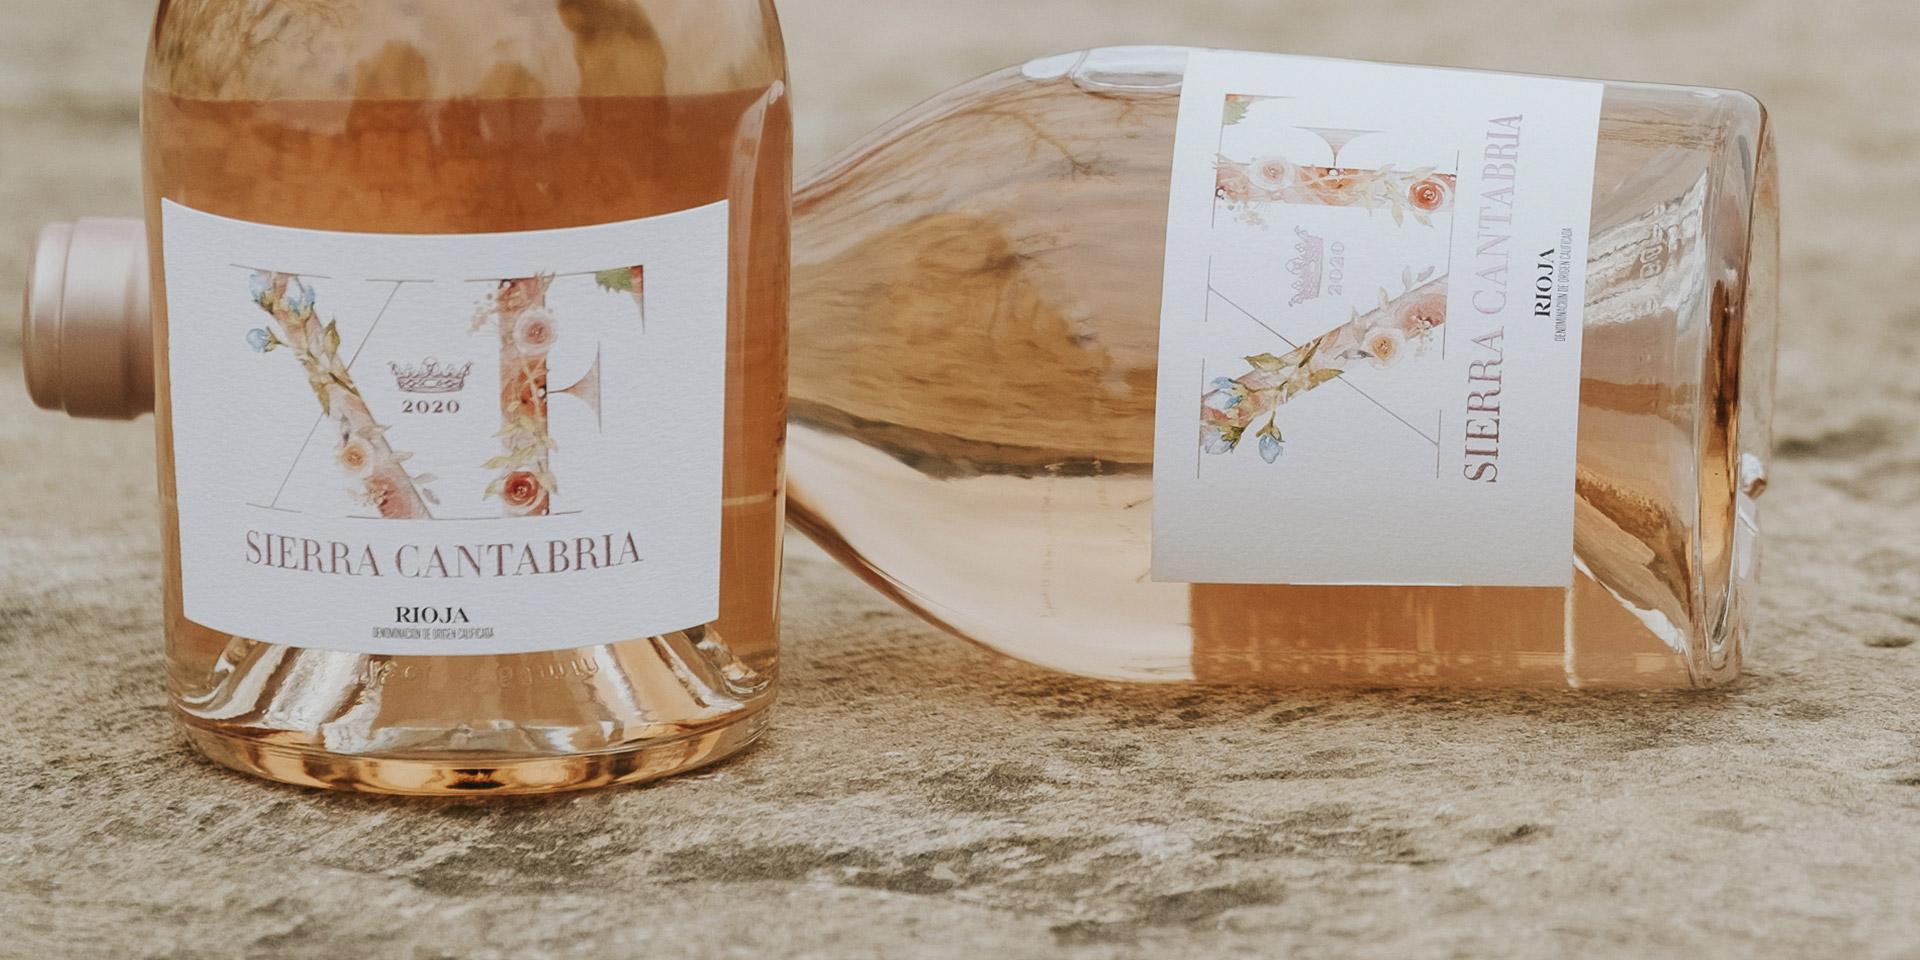 Diseño etiqueta packaging label rose wine